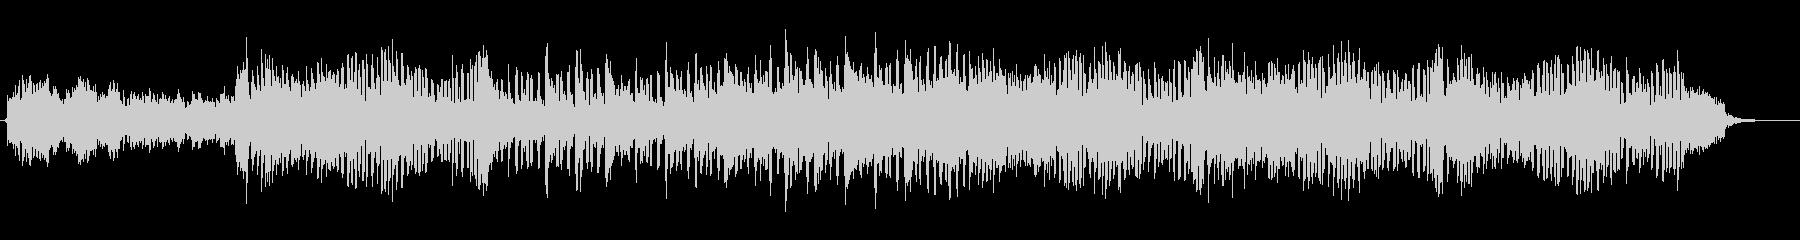 アコースティック・ポジティブ・お気楽Bの未再生の波形